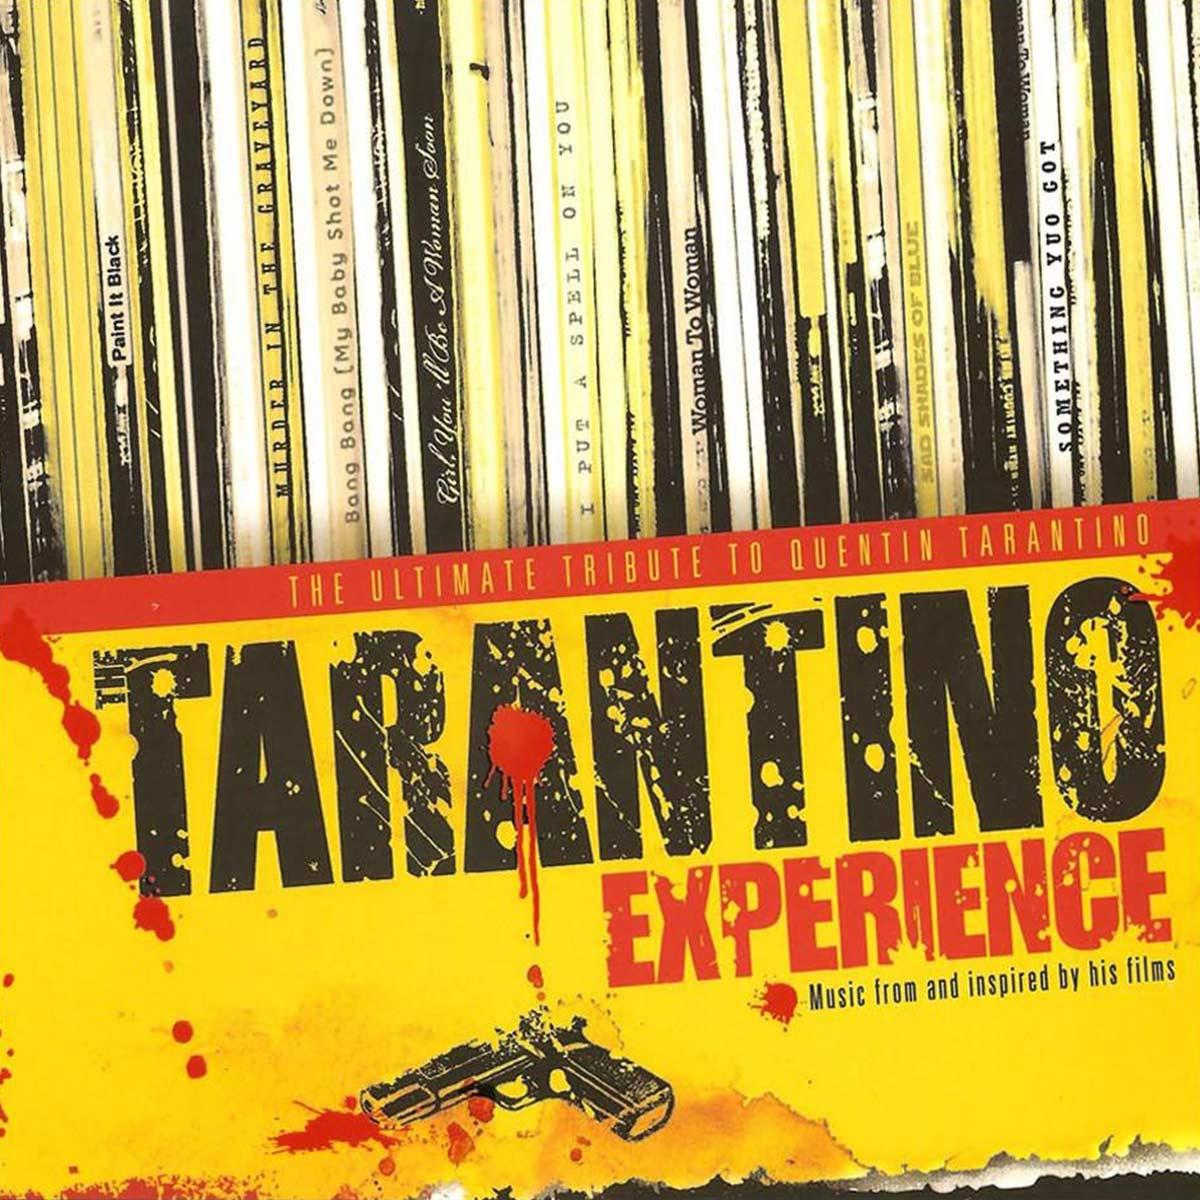 CD Box Tarantino Experience